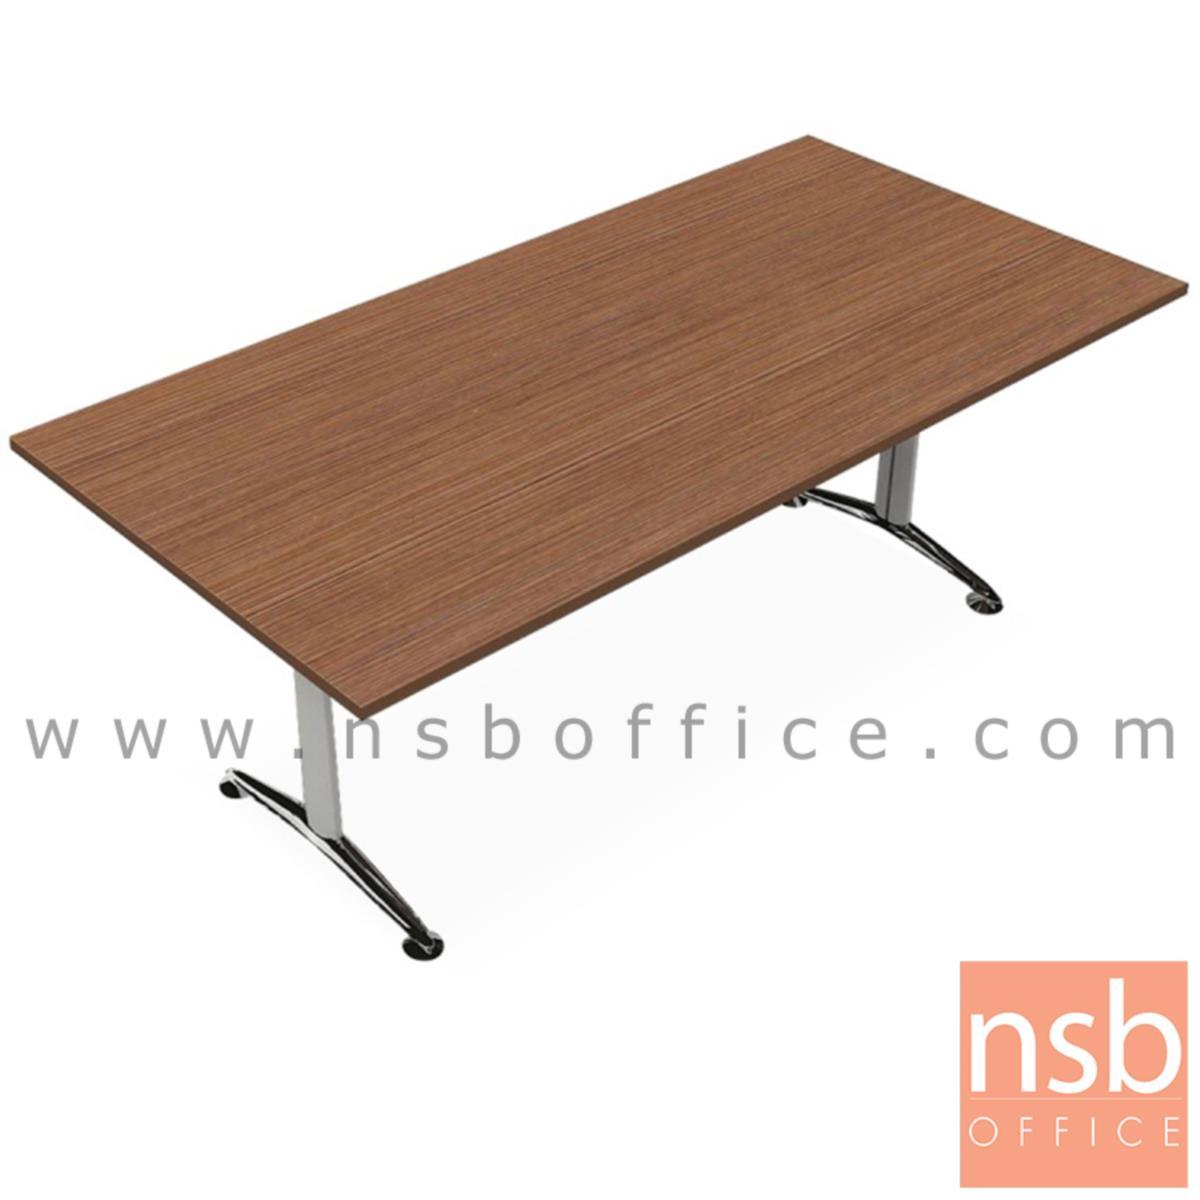 A22A008:โต๊ะประชุมทรงสี่เหลี่ยม  รุ่น Quirinus 8 ,10 ที่นั่ง ขนาด 200W ,240W cm.  ขาเหล็กตัวที